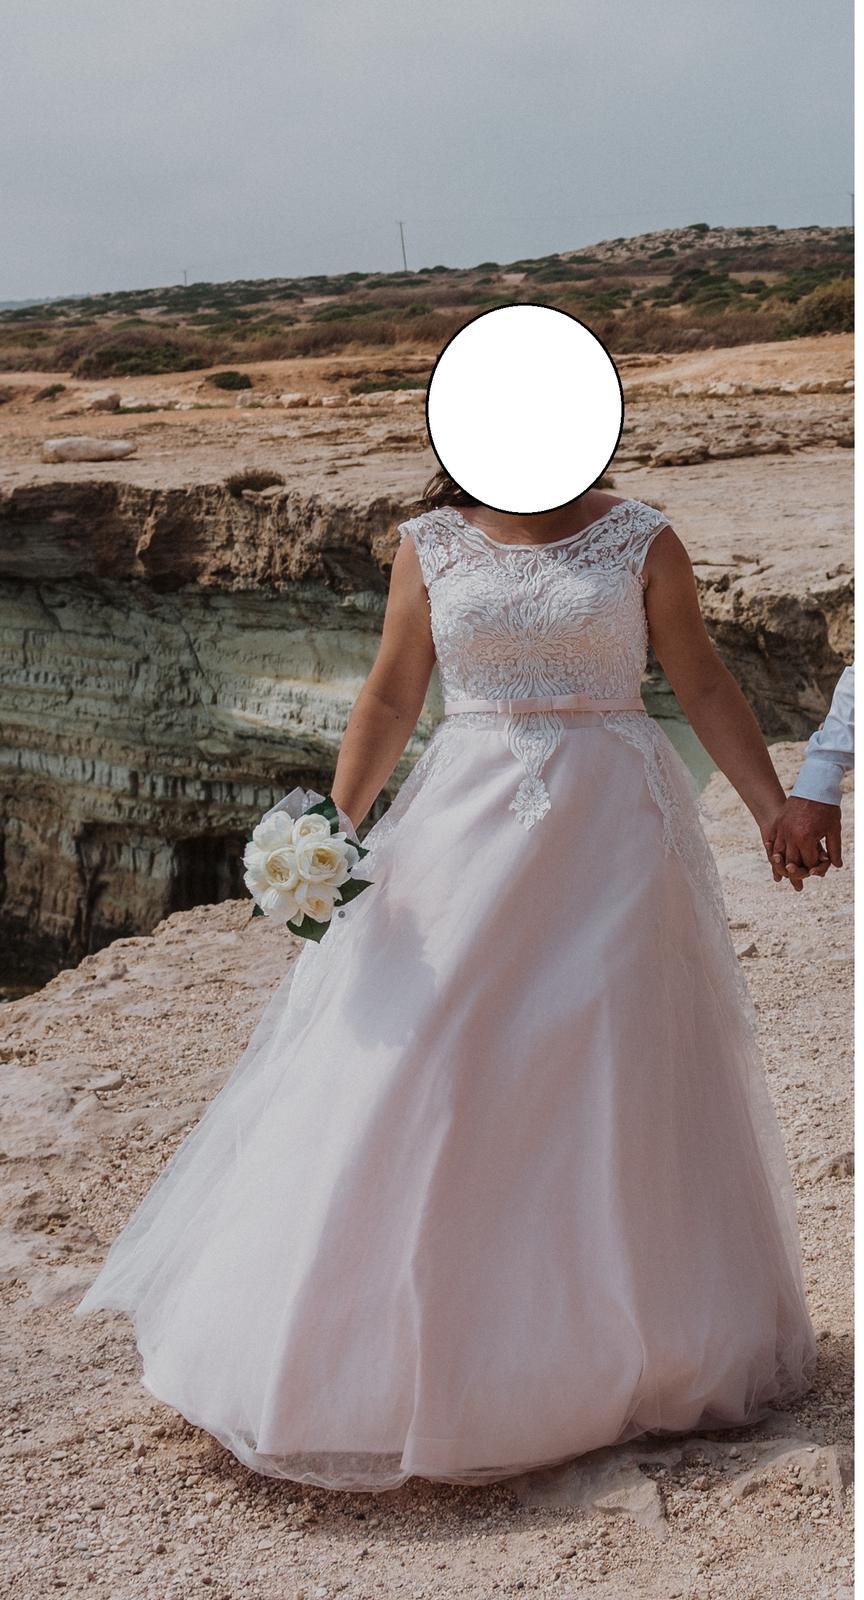 bielo ružové svadobné šaty 42-44 - Obrázok č. 1